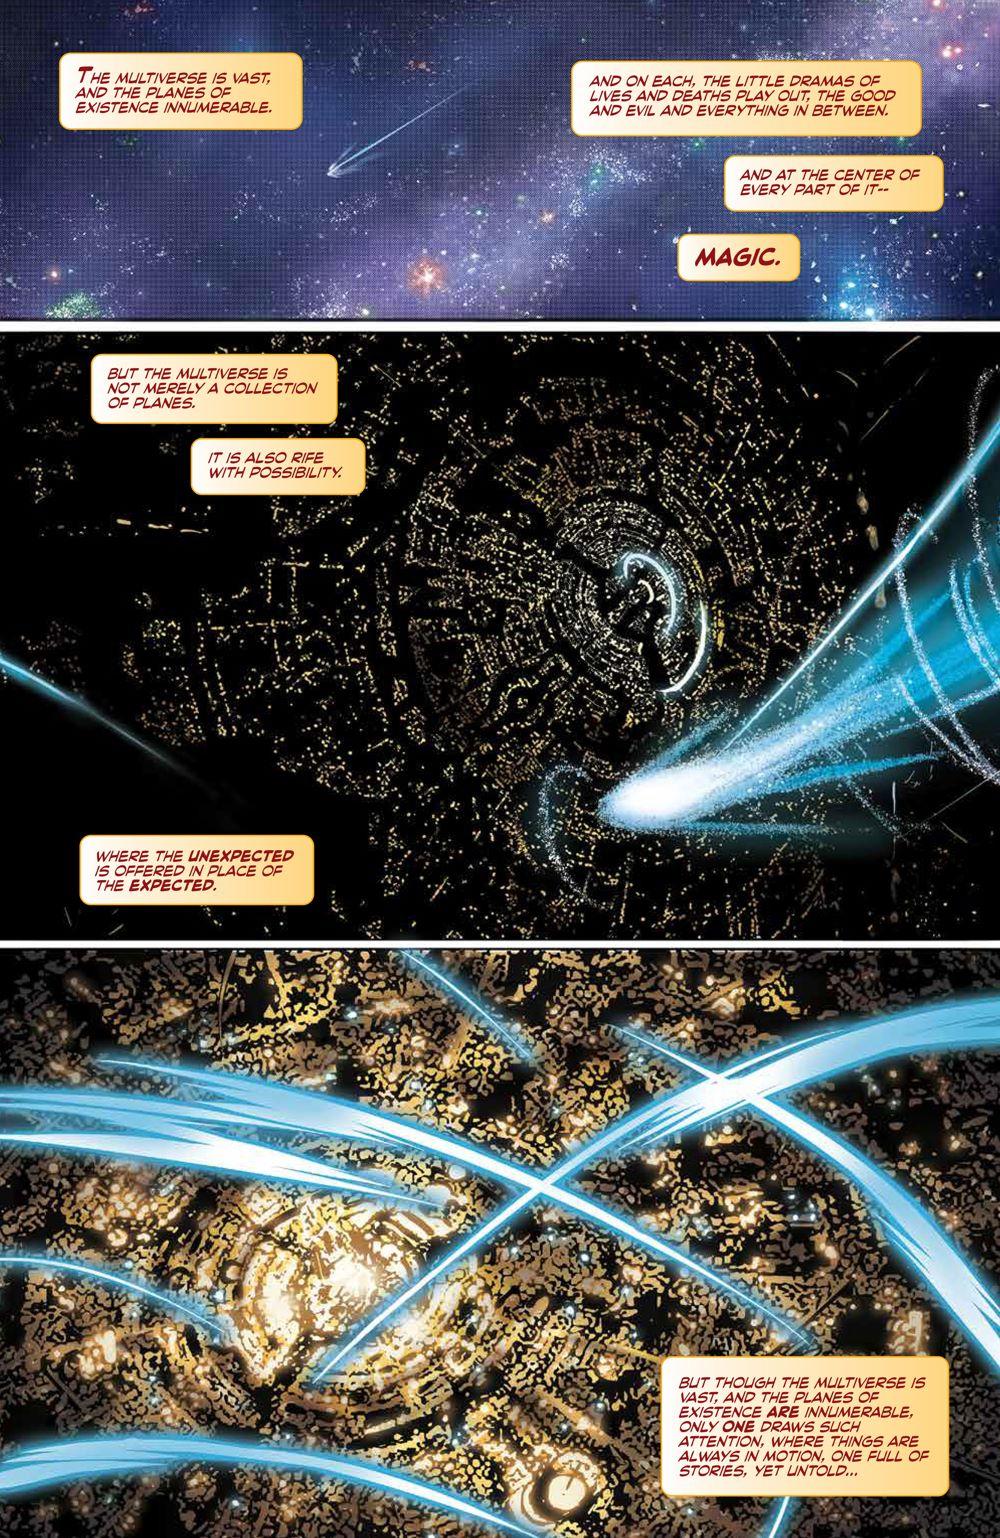 Magic_001_PRESS_3 ComicList Previews: MAGIC #1